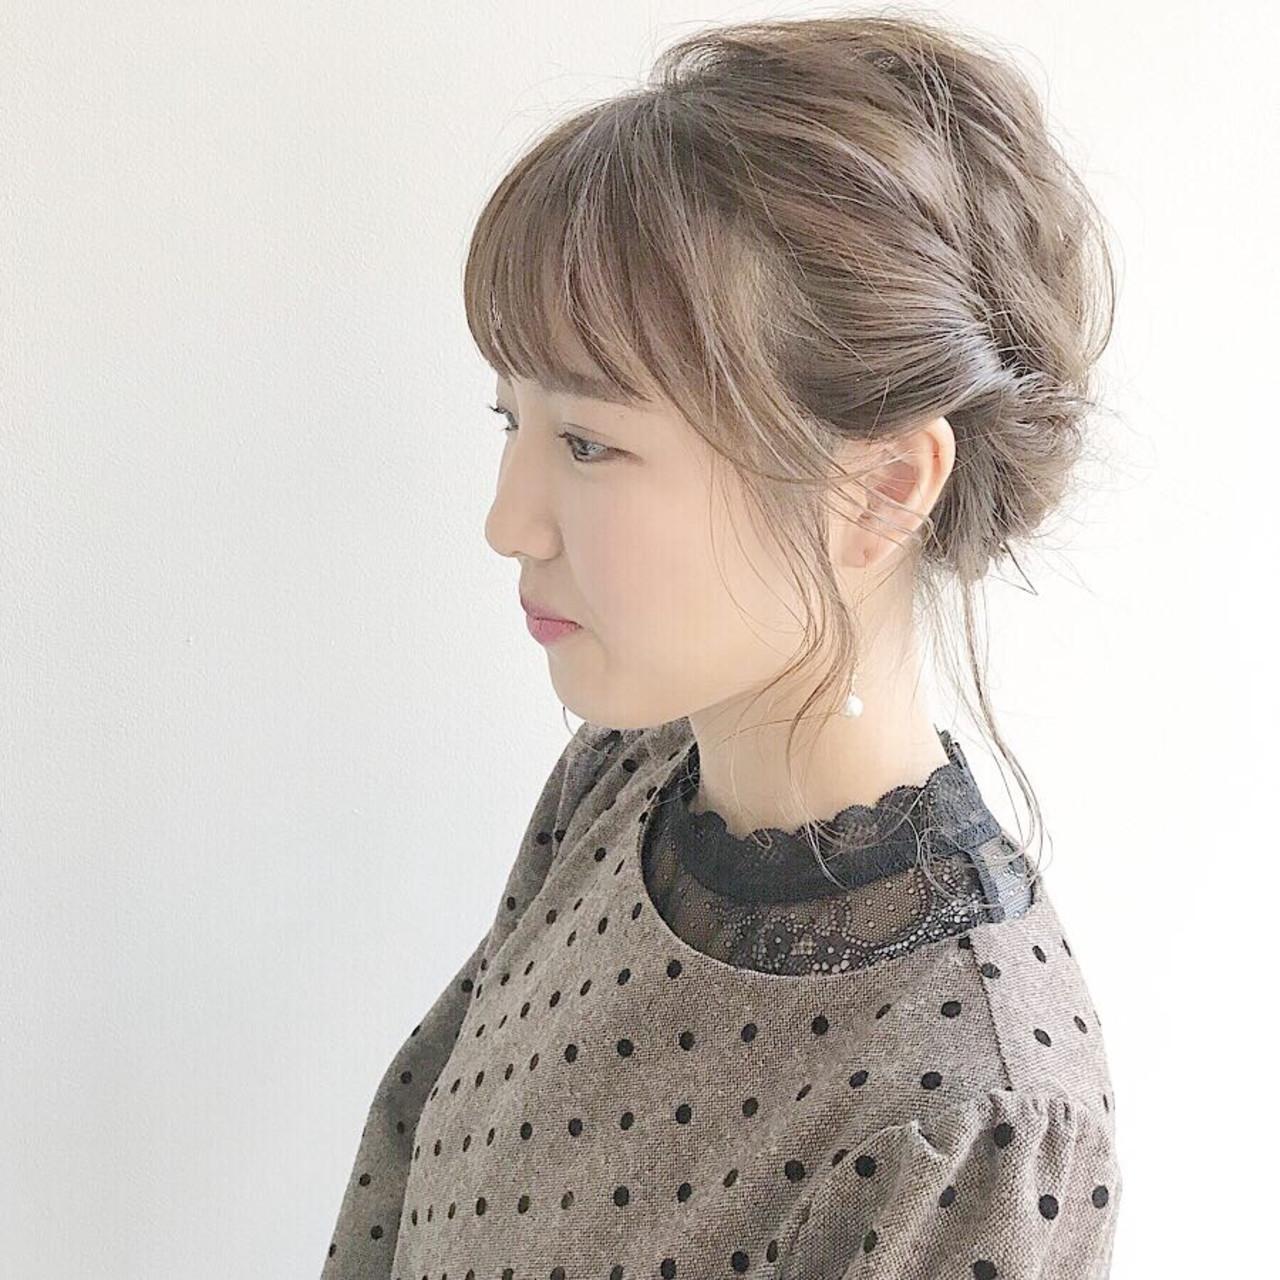 成人式 サロンモデル ヘアアレンジ ガーリー 江原 栞莉 442778 Hair